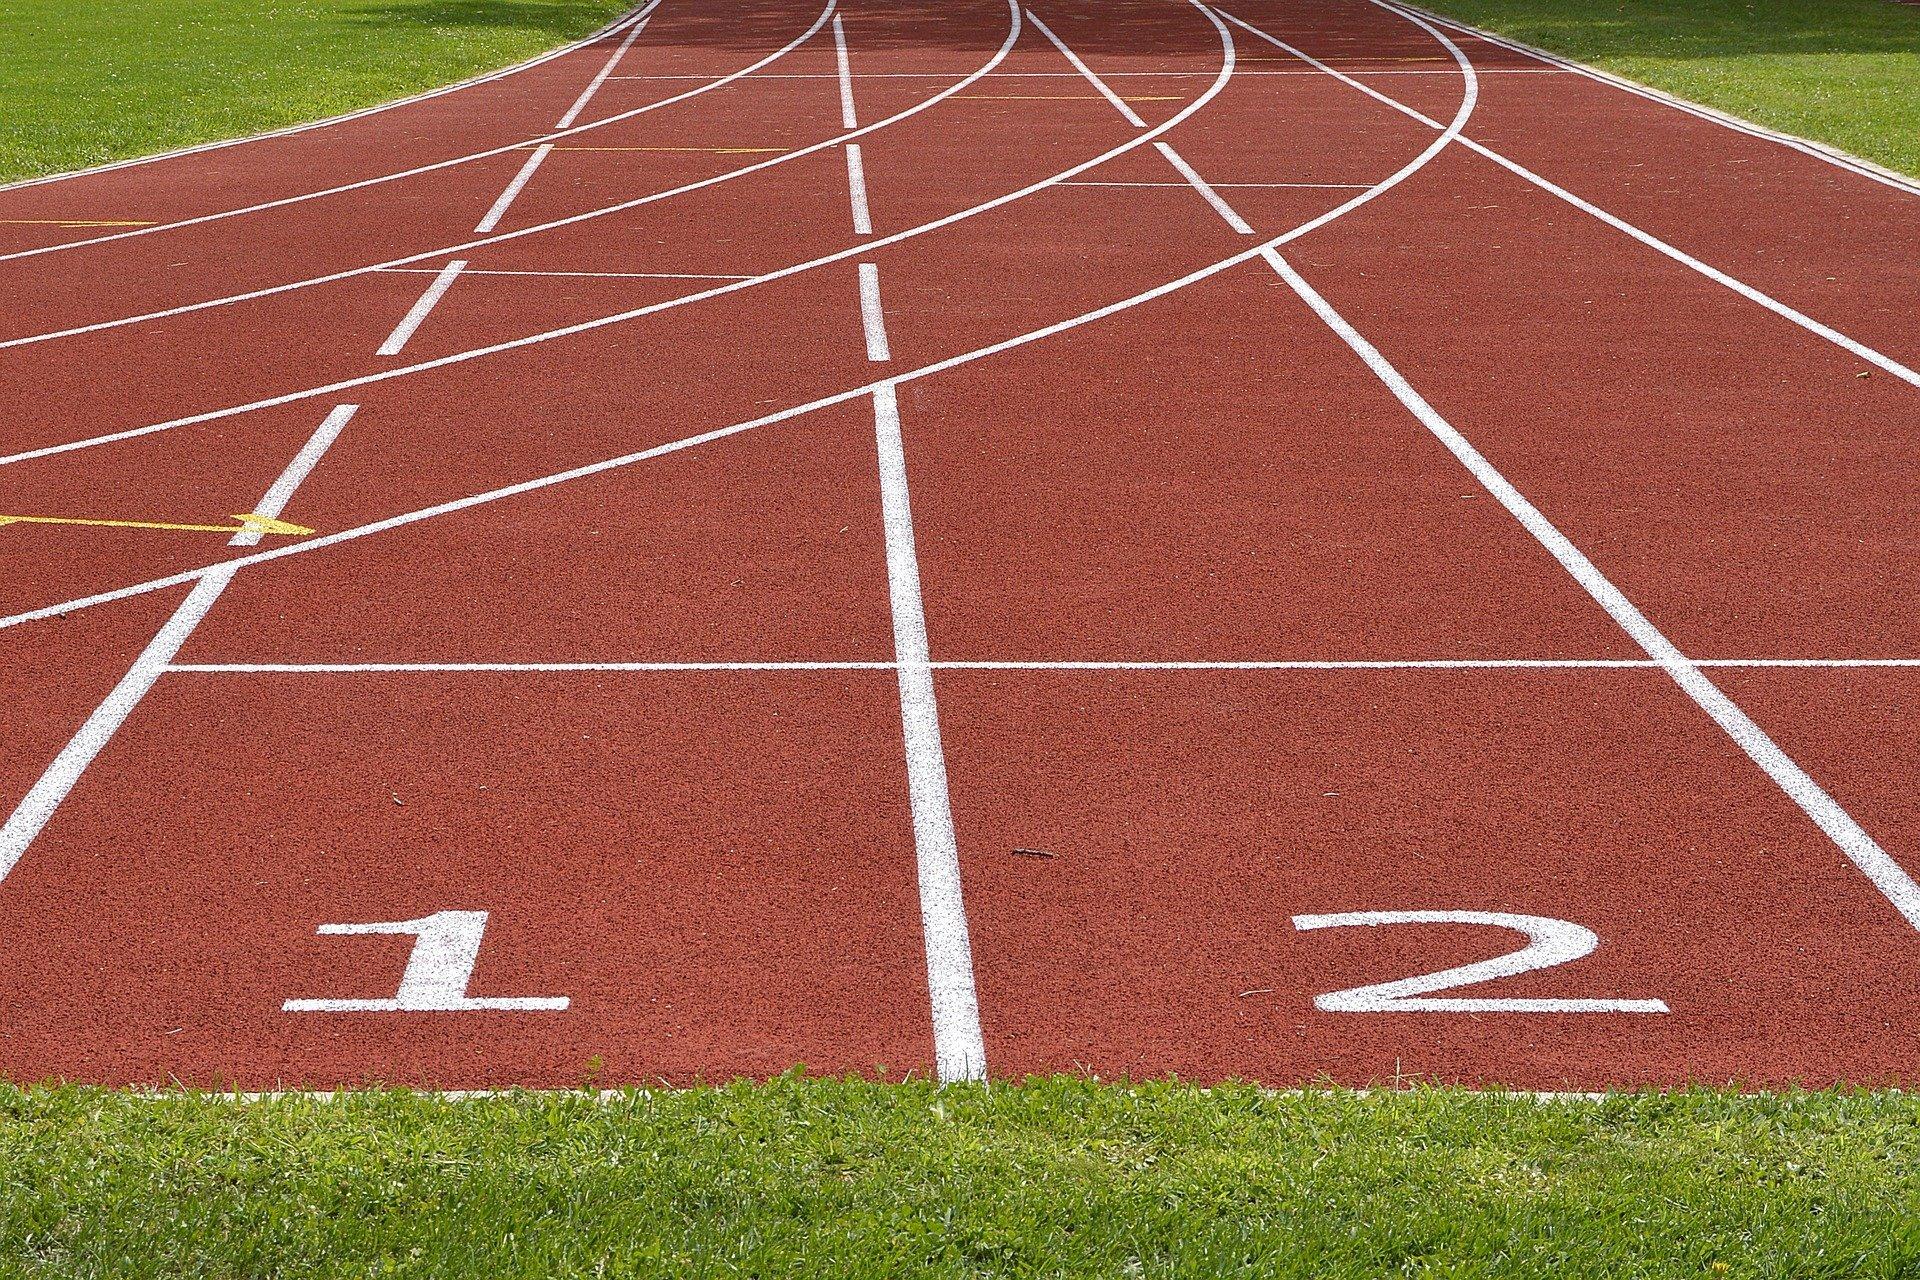 Sport-Beteiligung verbunden mit weniger depressive Symptome bei Kindern